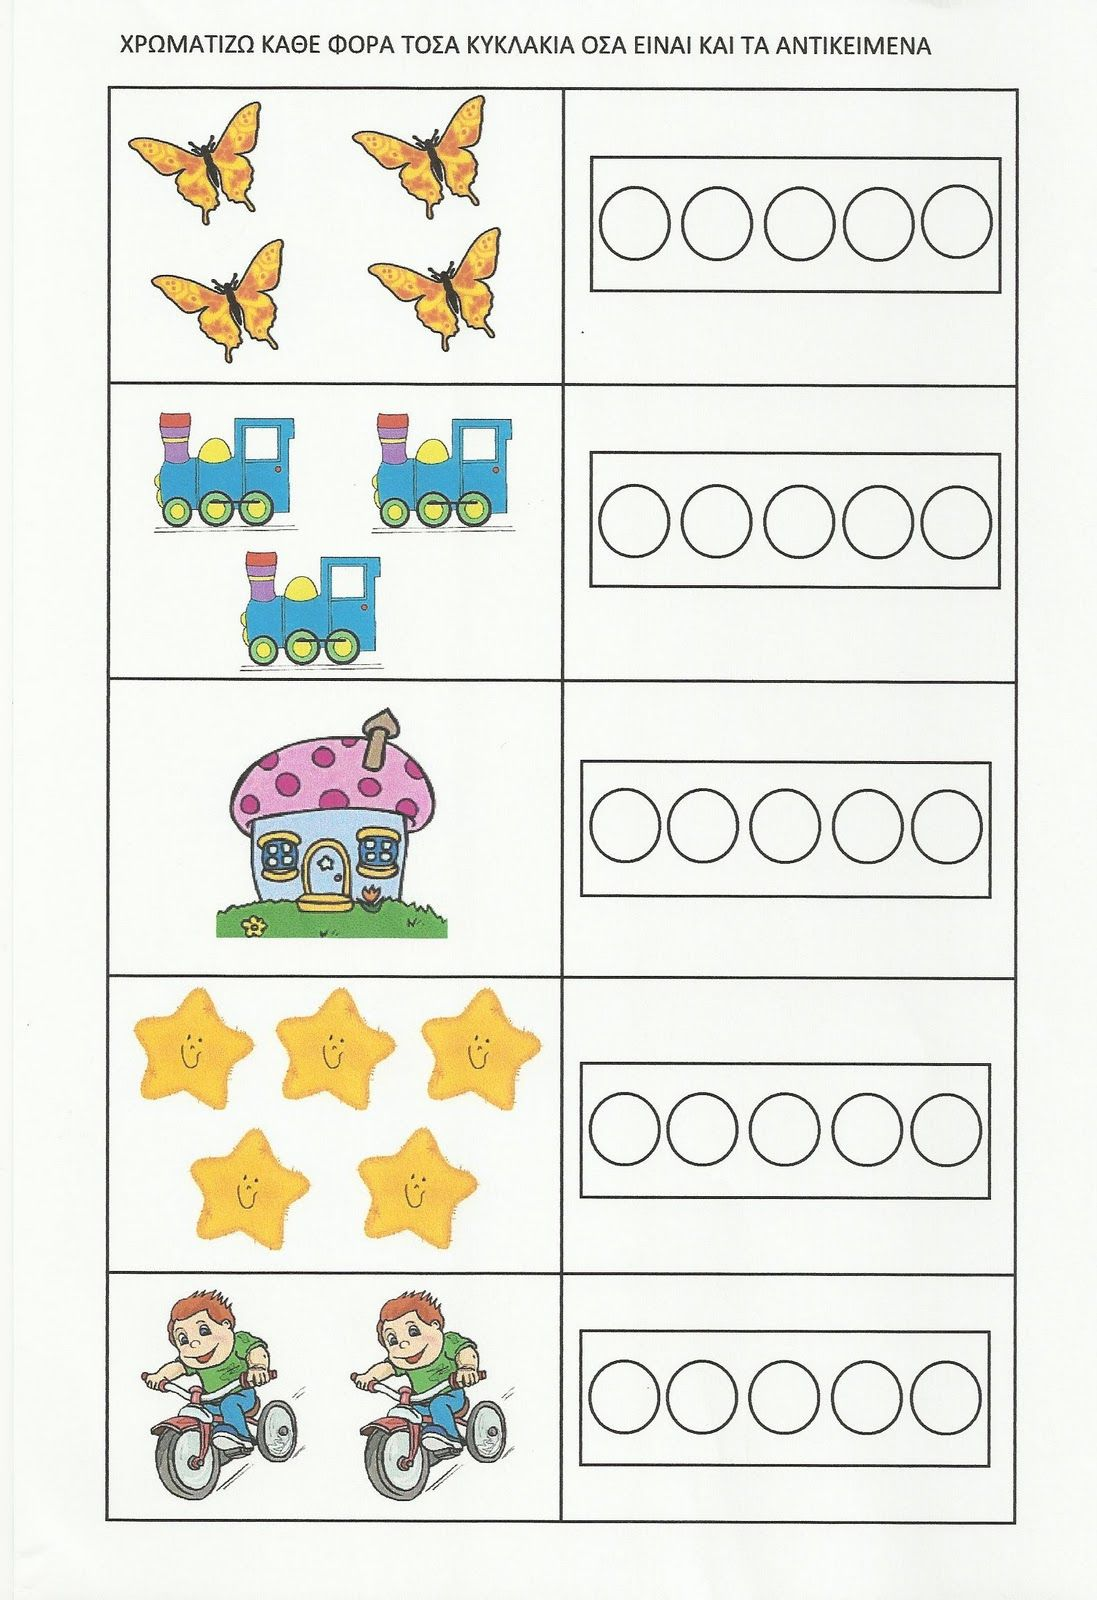 colorier le bon nombre   πινακες-κατασκευες   Pinterest   Vorschule ...